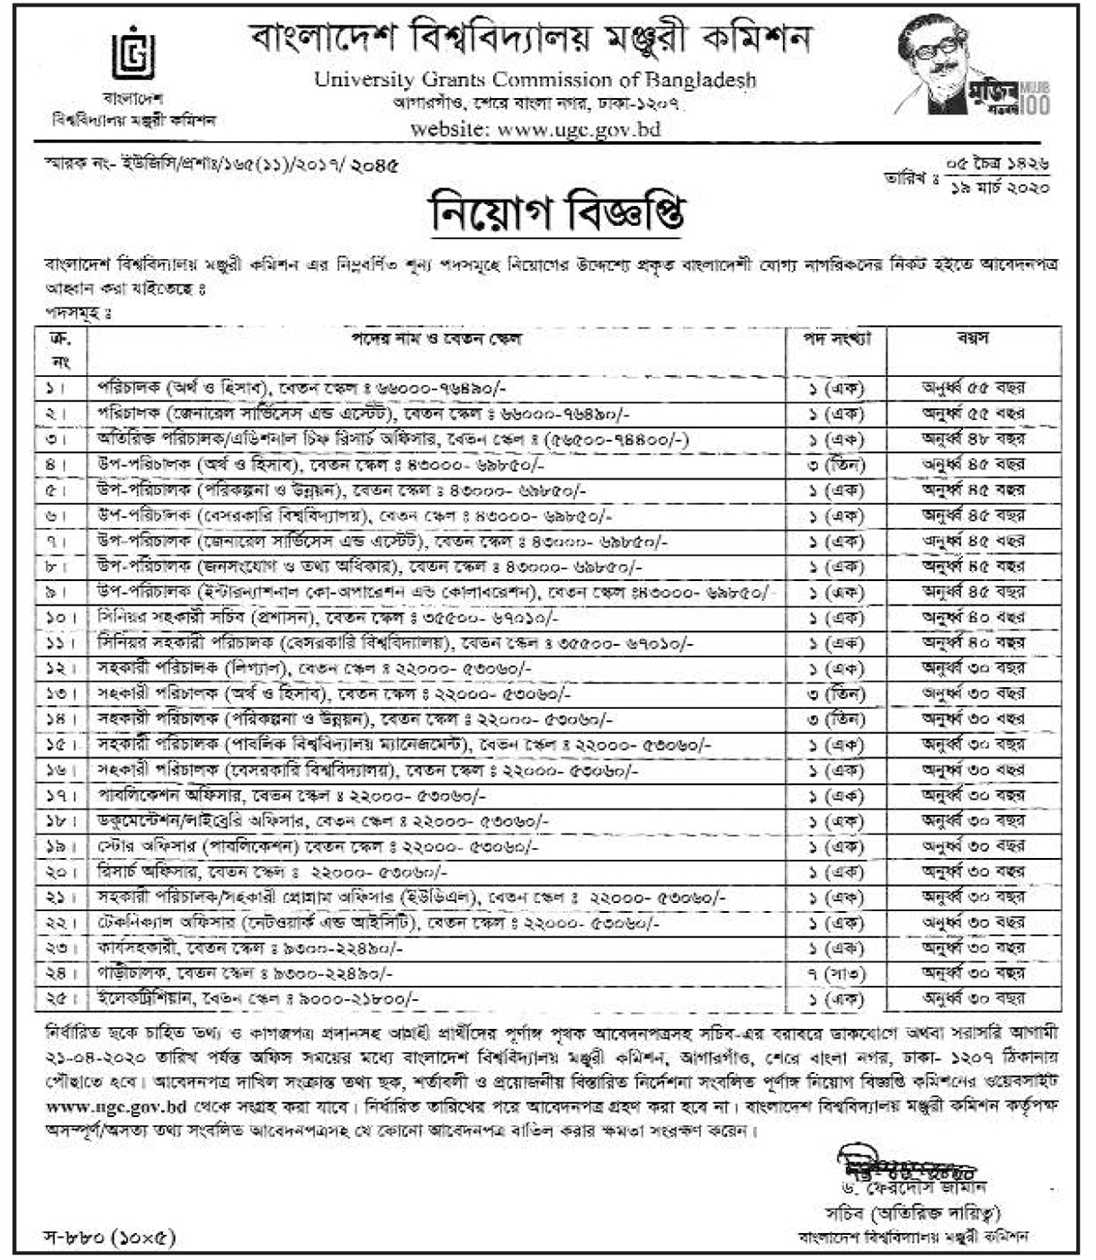 বাংলাদেশ বিশ্ববিদ্যালয় মঞ্জুরী কমিশন এর চাকরির নিয়োগ প্রকাশ || Ugc job Circular